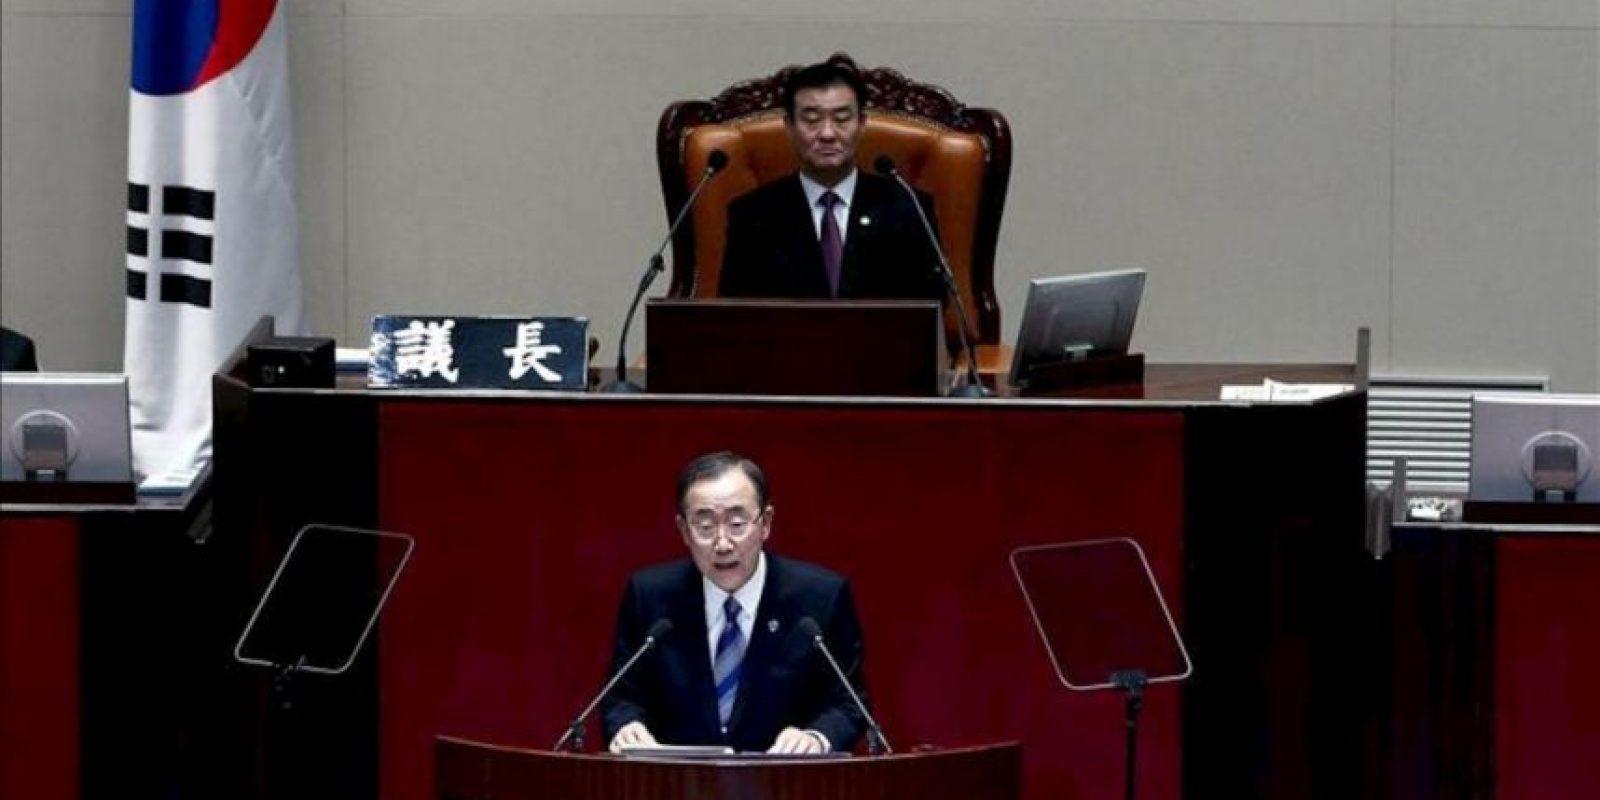 """El secretario general de las Naciones Unidas, Ban Ki-Moon, pronuncia un discurso en el encuentro """"ONU y Corea: Juntos para construir el futuro que queremos"""", hoy, martes 30 de octubre de 2012, en la sede de la Asamblea Nacional en Seúl (Corea del Sur). EFE"""